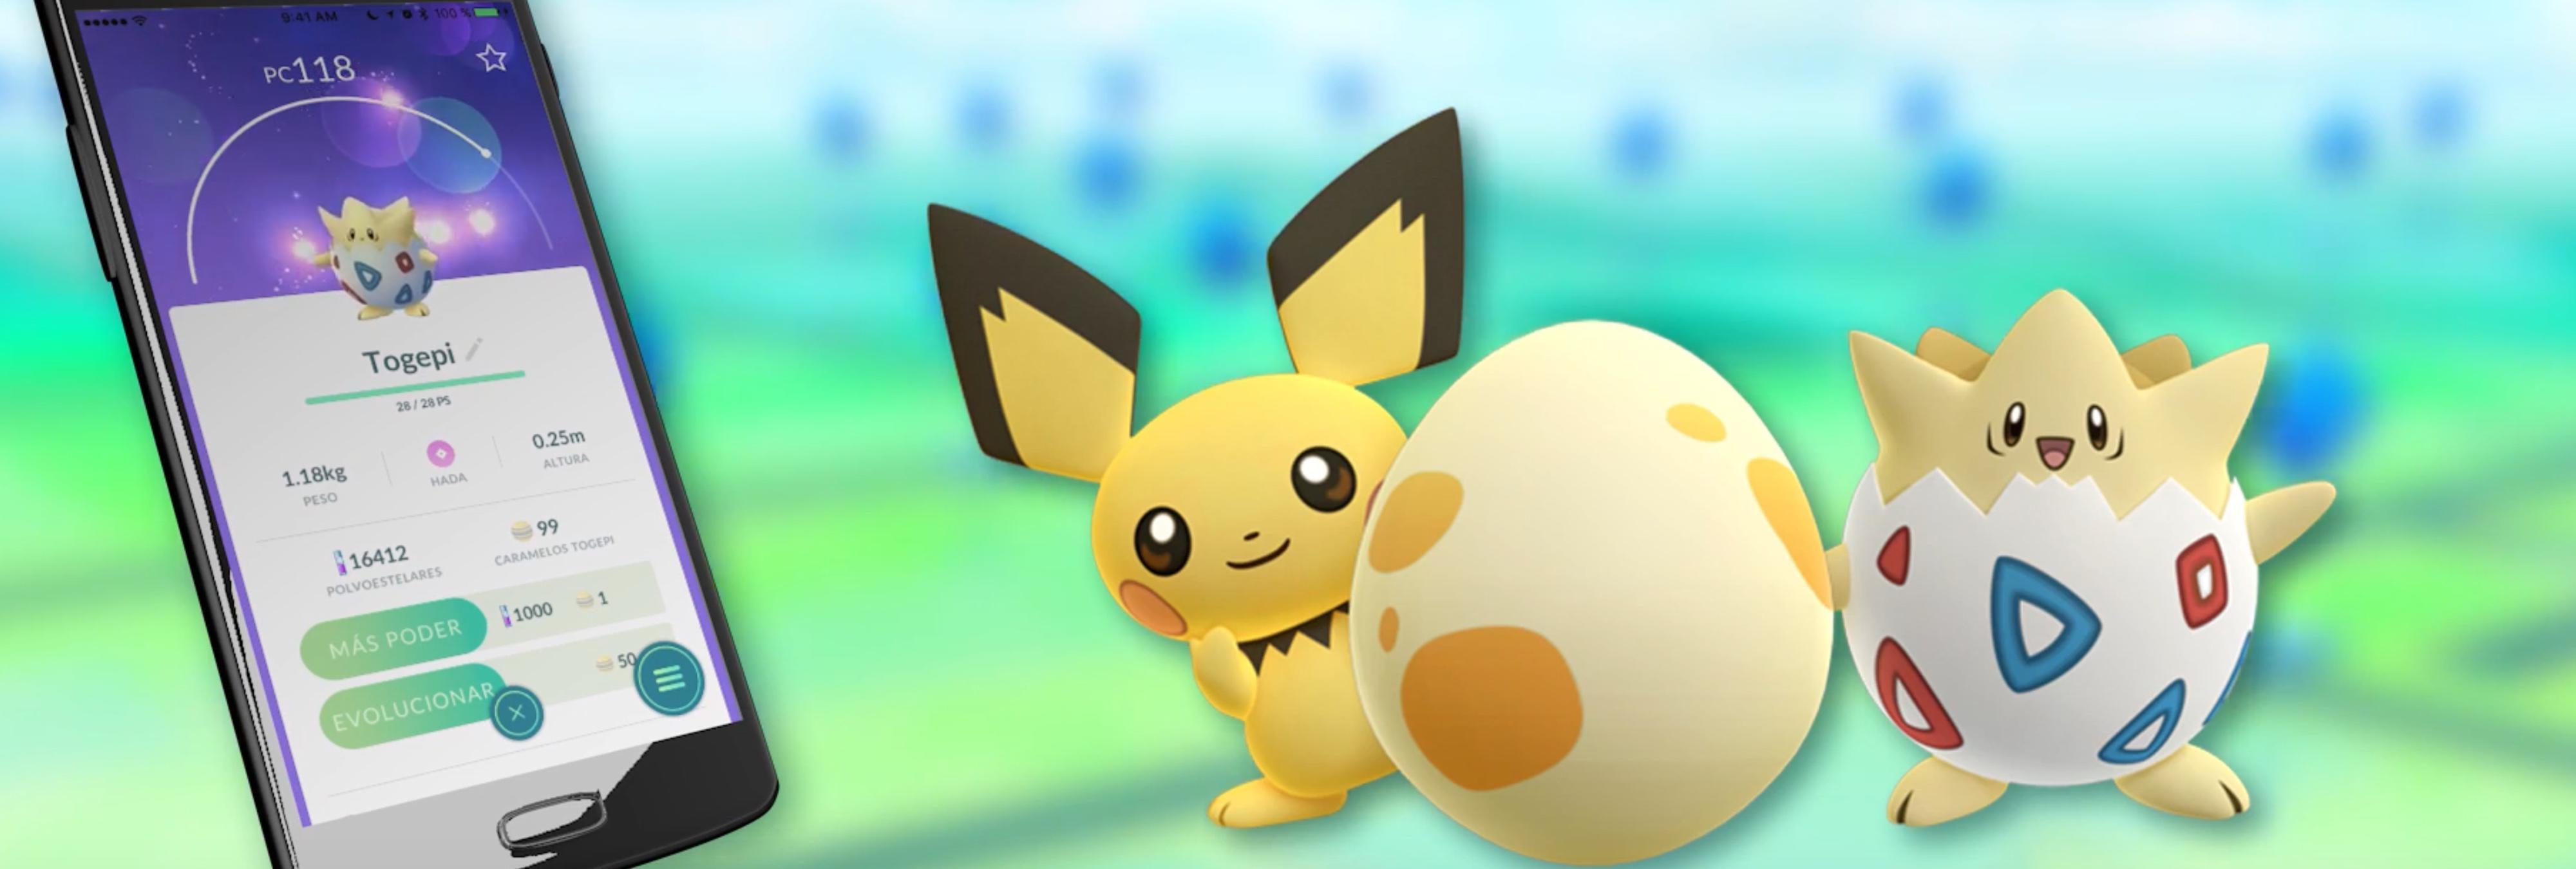 Ya está aquí la segunda generación de Pokémon Go